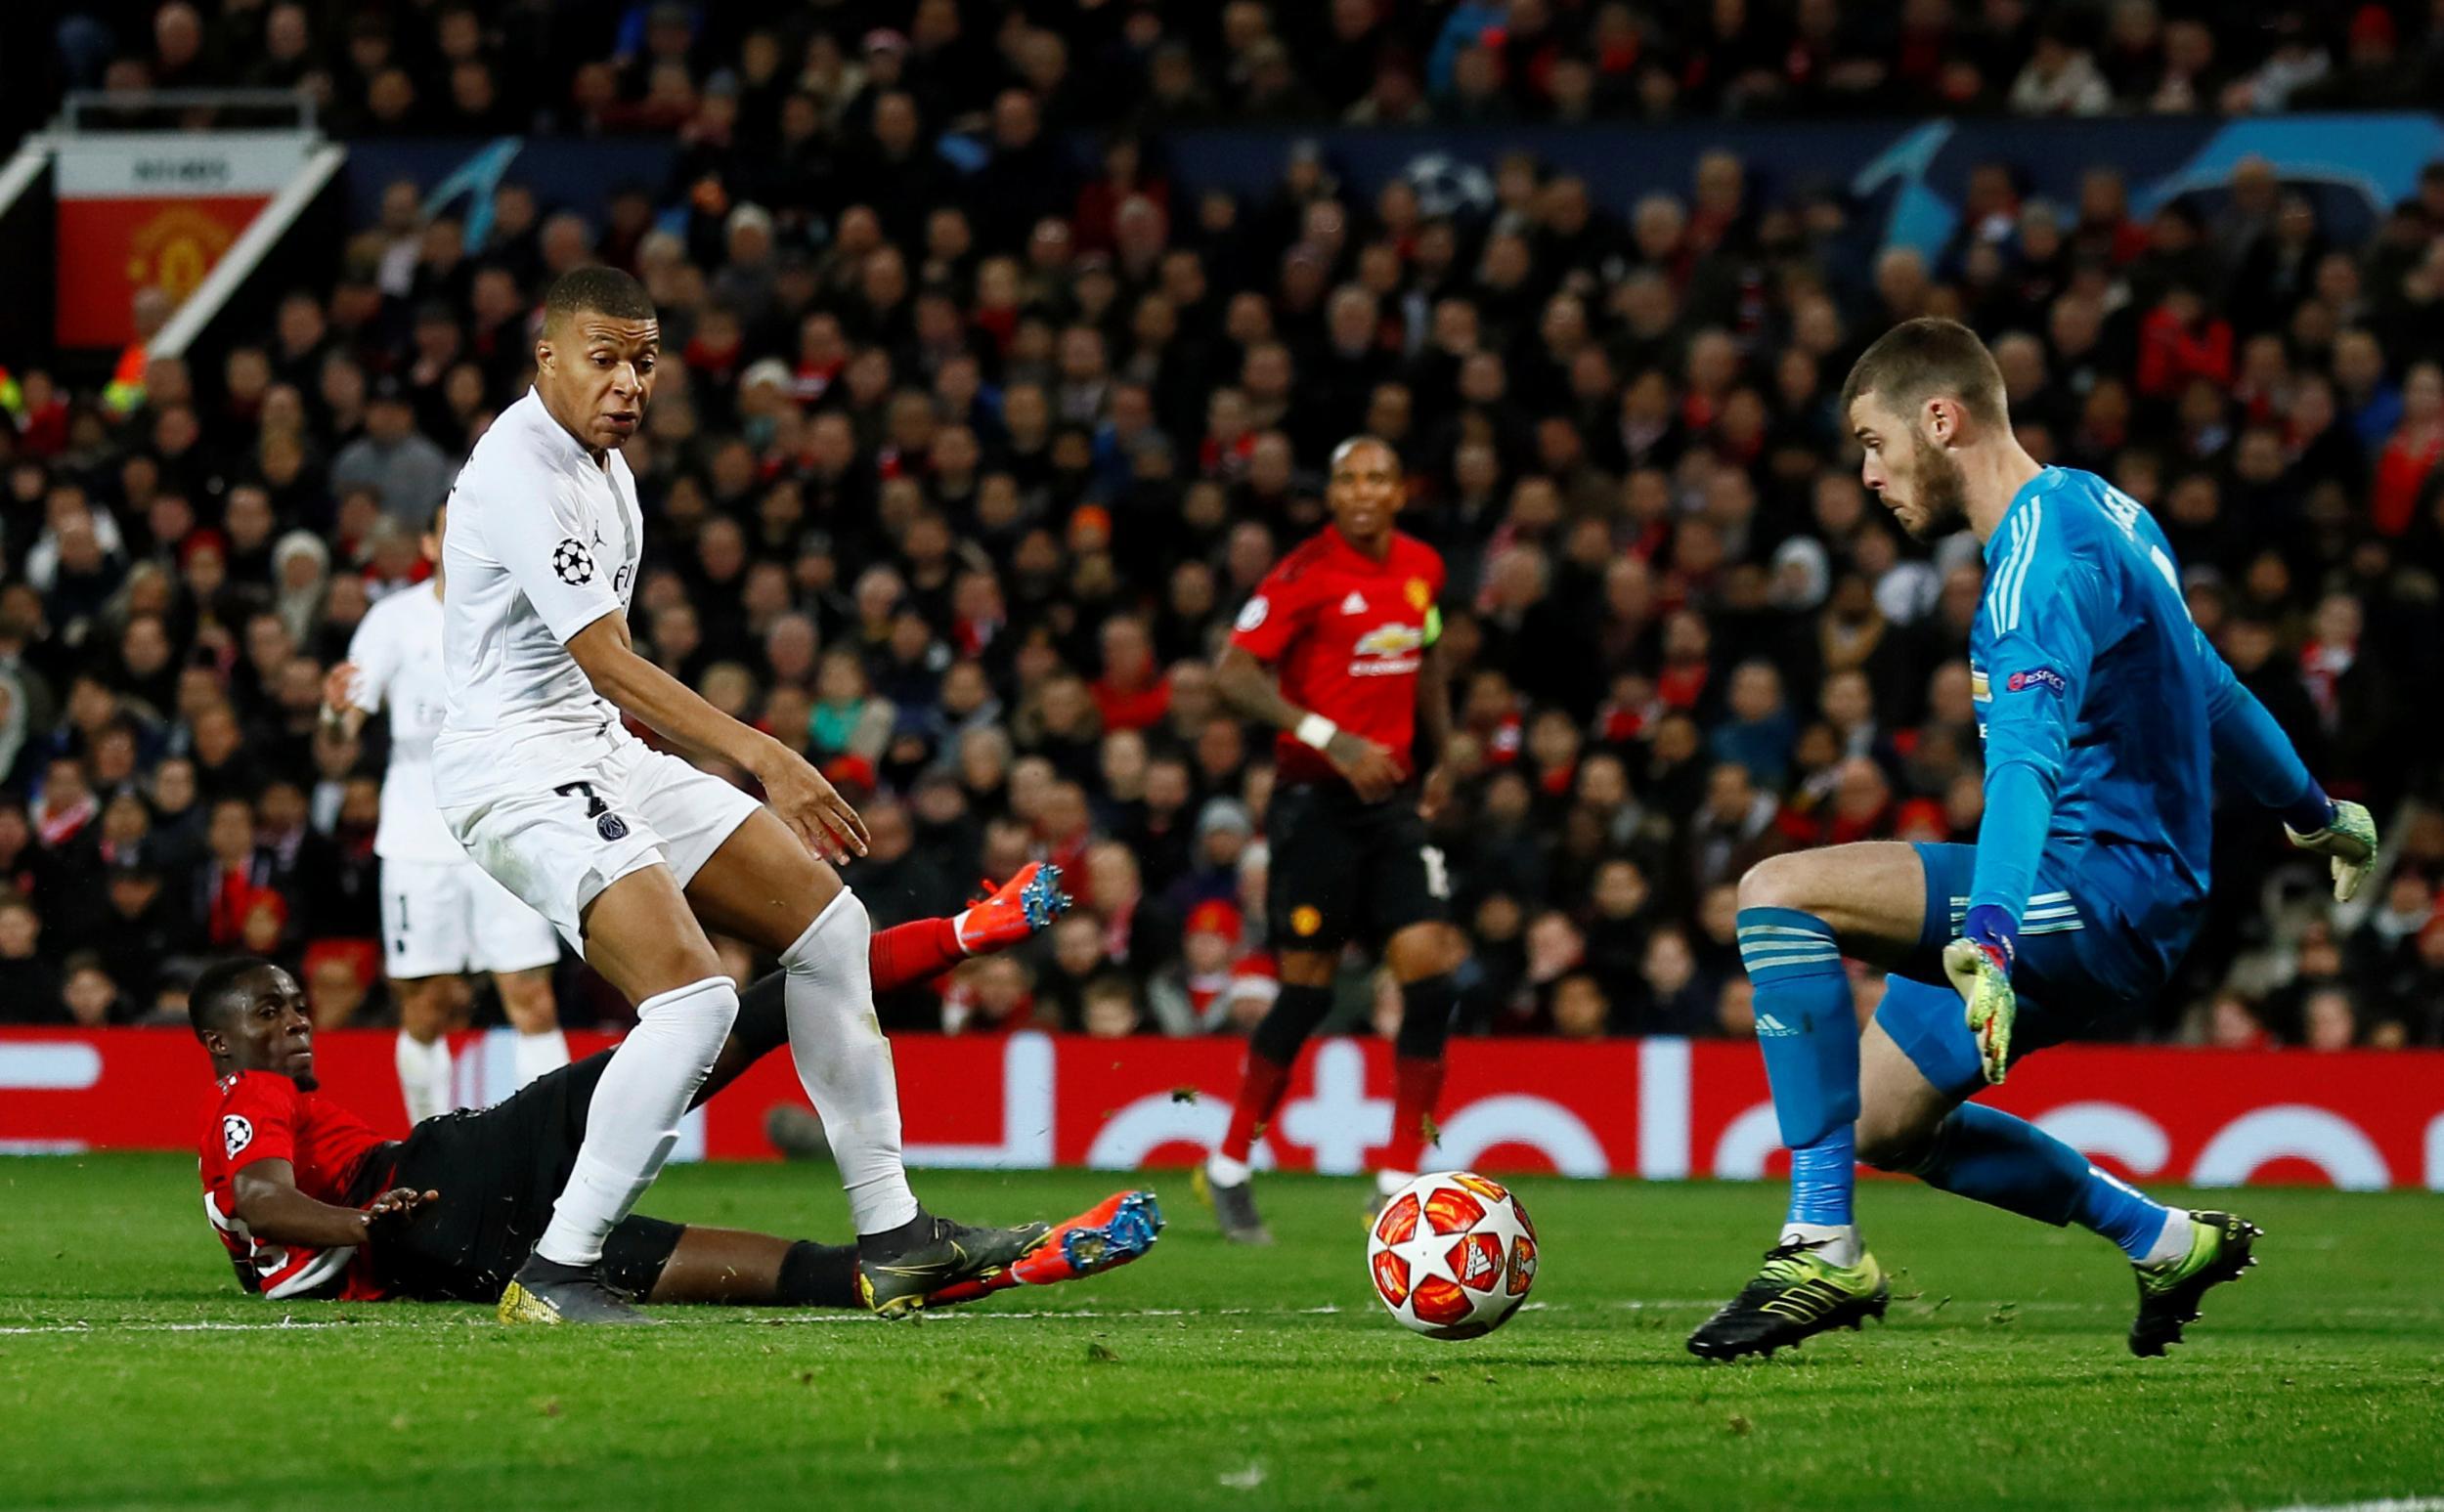 'Điều ông ấy cần làm là tránh kết quả tương tự trước Chelsea và Liverpool' - Bóng Đá